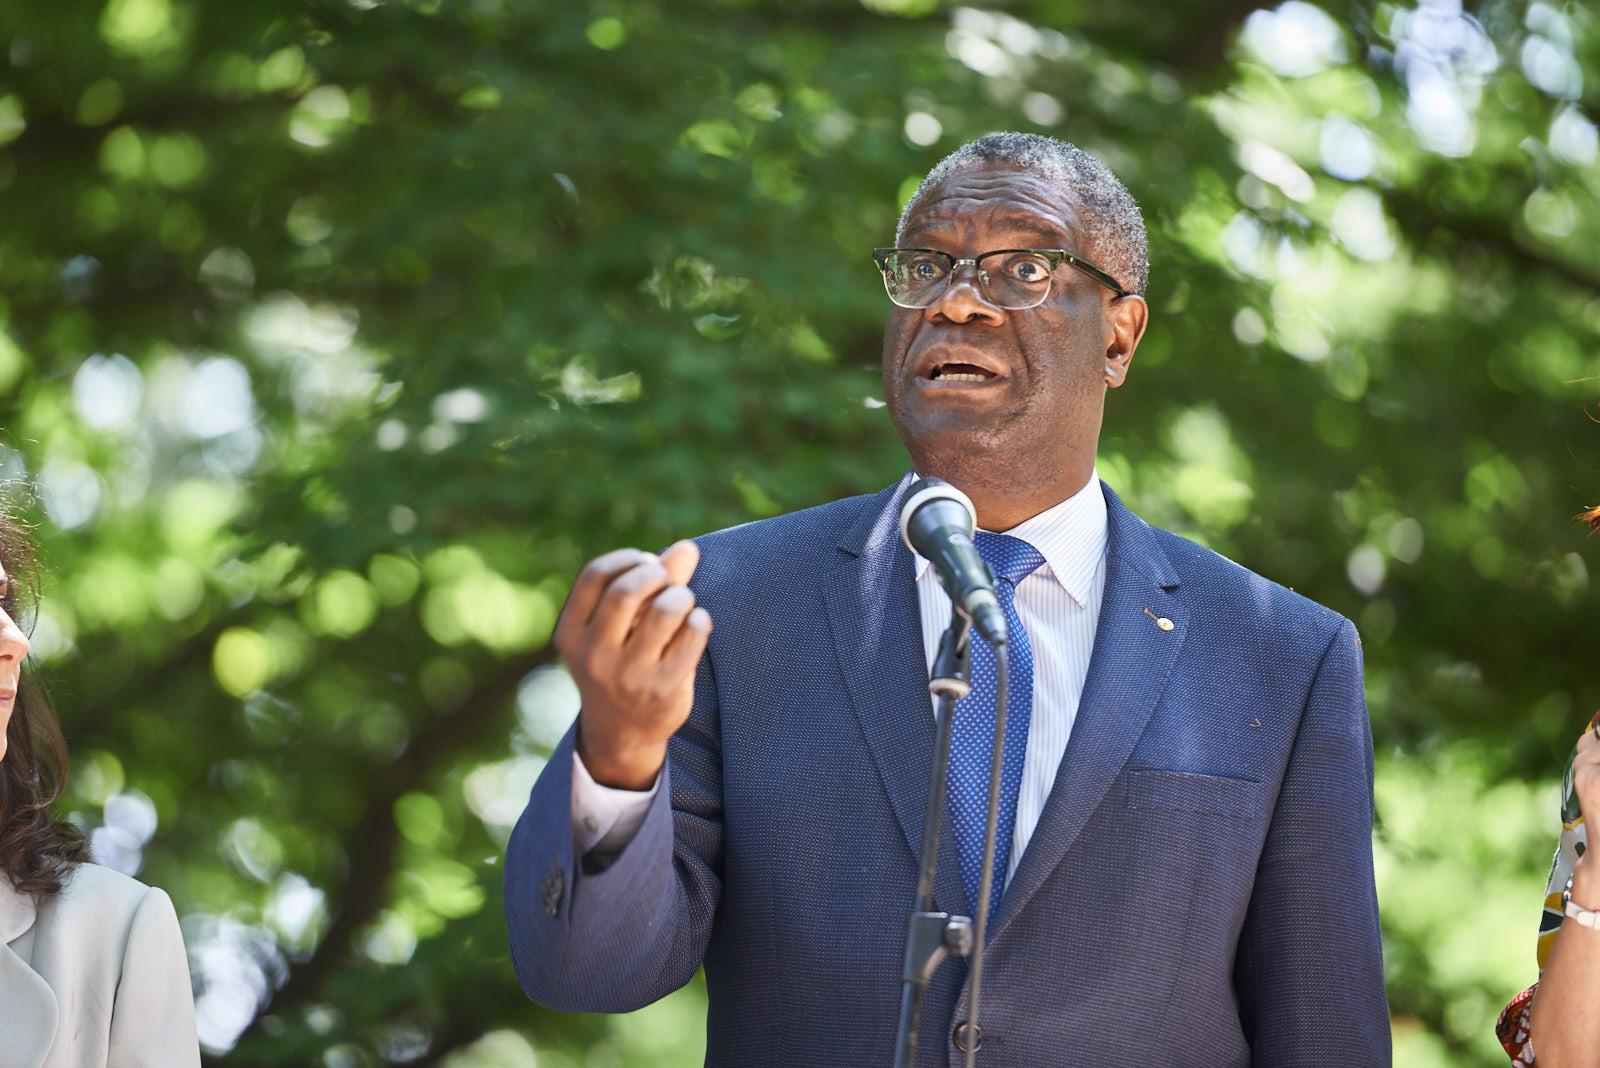 the speech Dr. Denis Mukwege